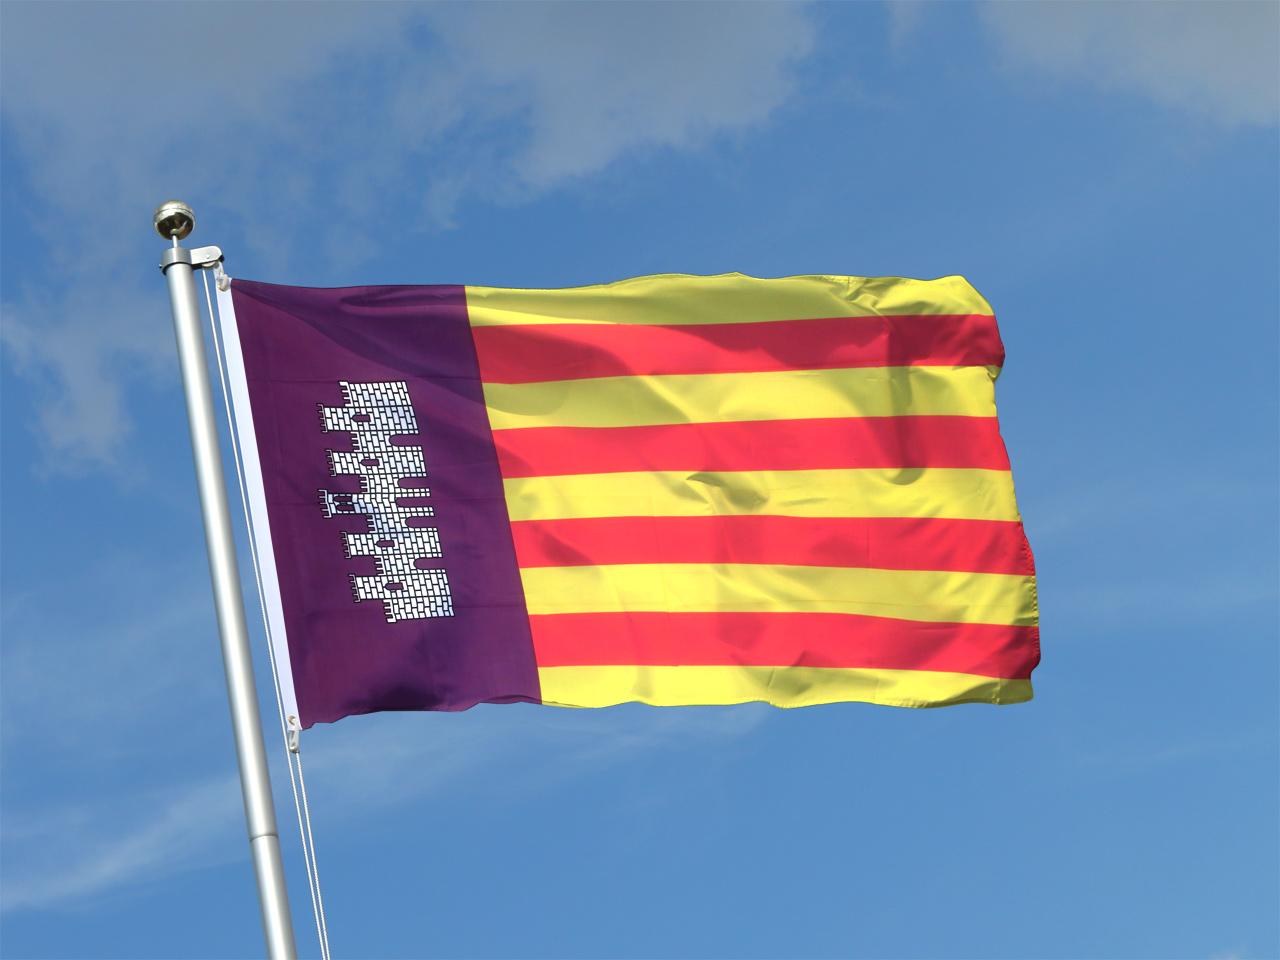 mallorca flagge mallorcinische fahne